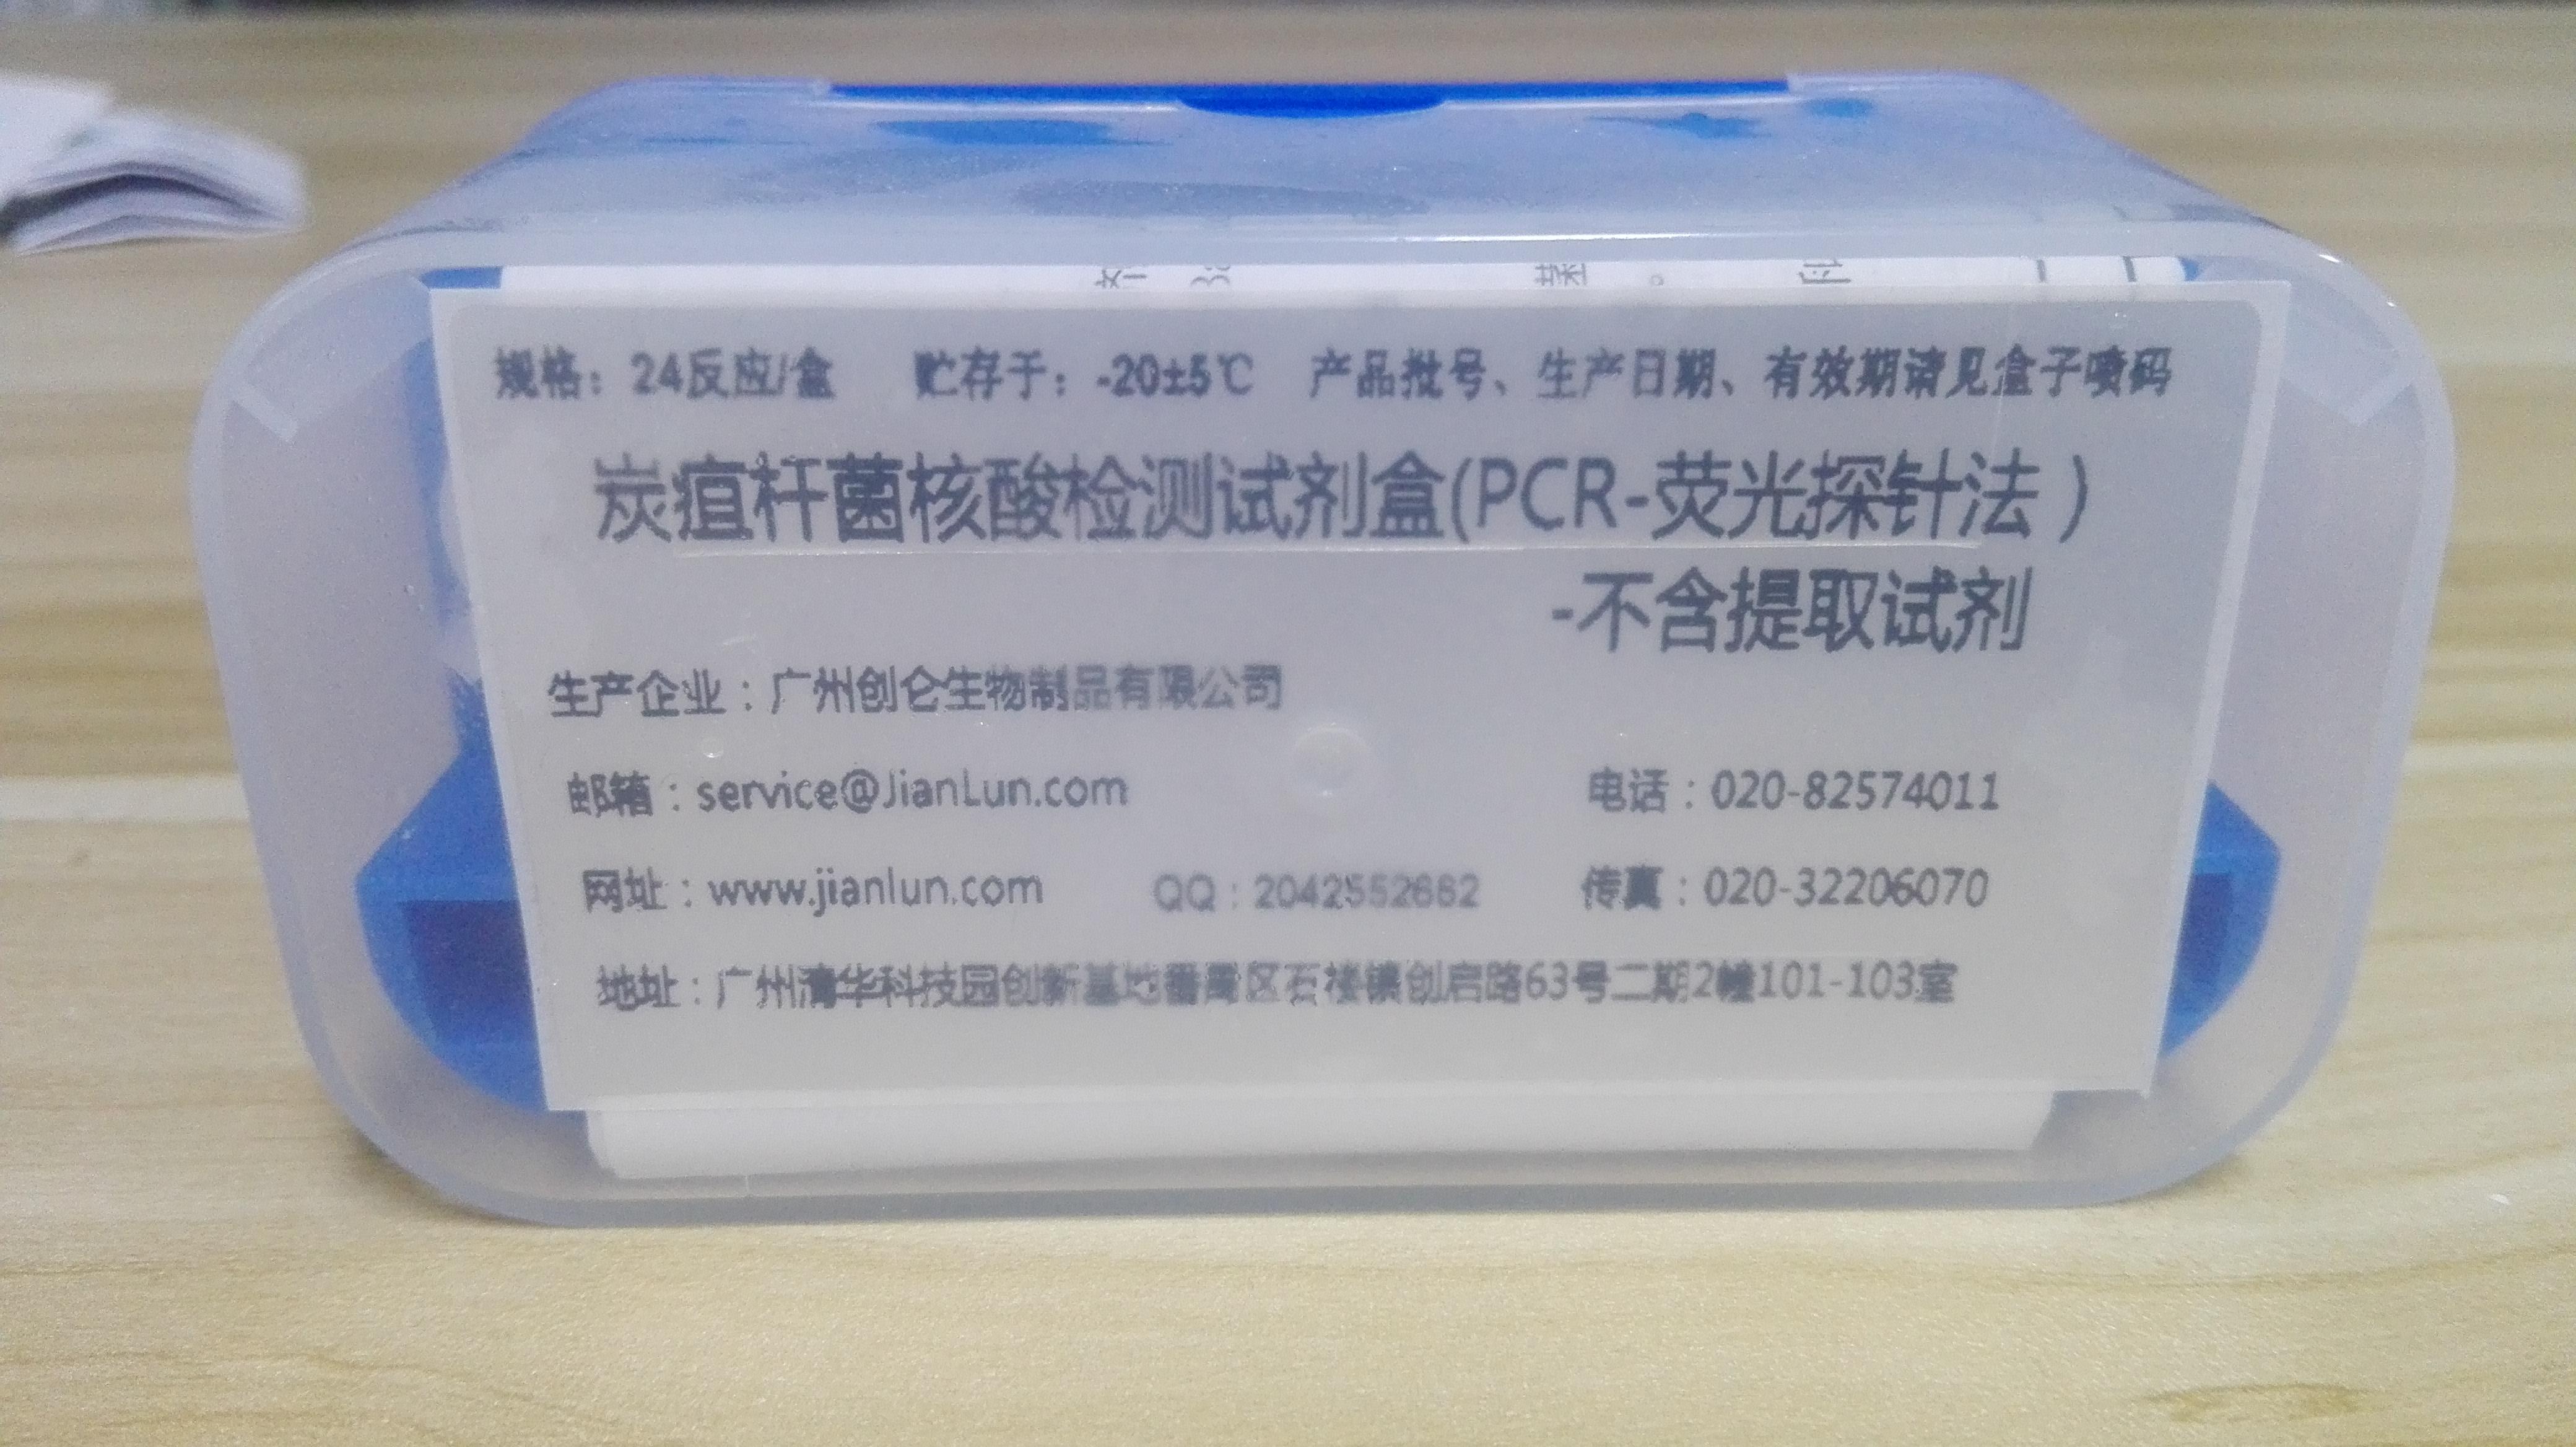 可替宁戒烟比赛检测试剂盒